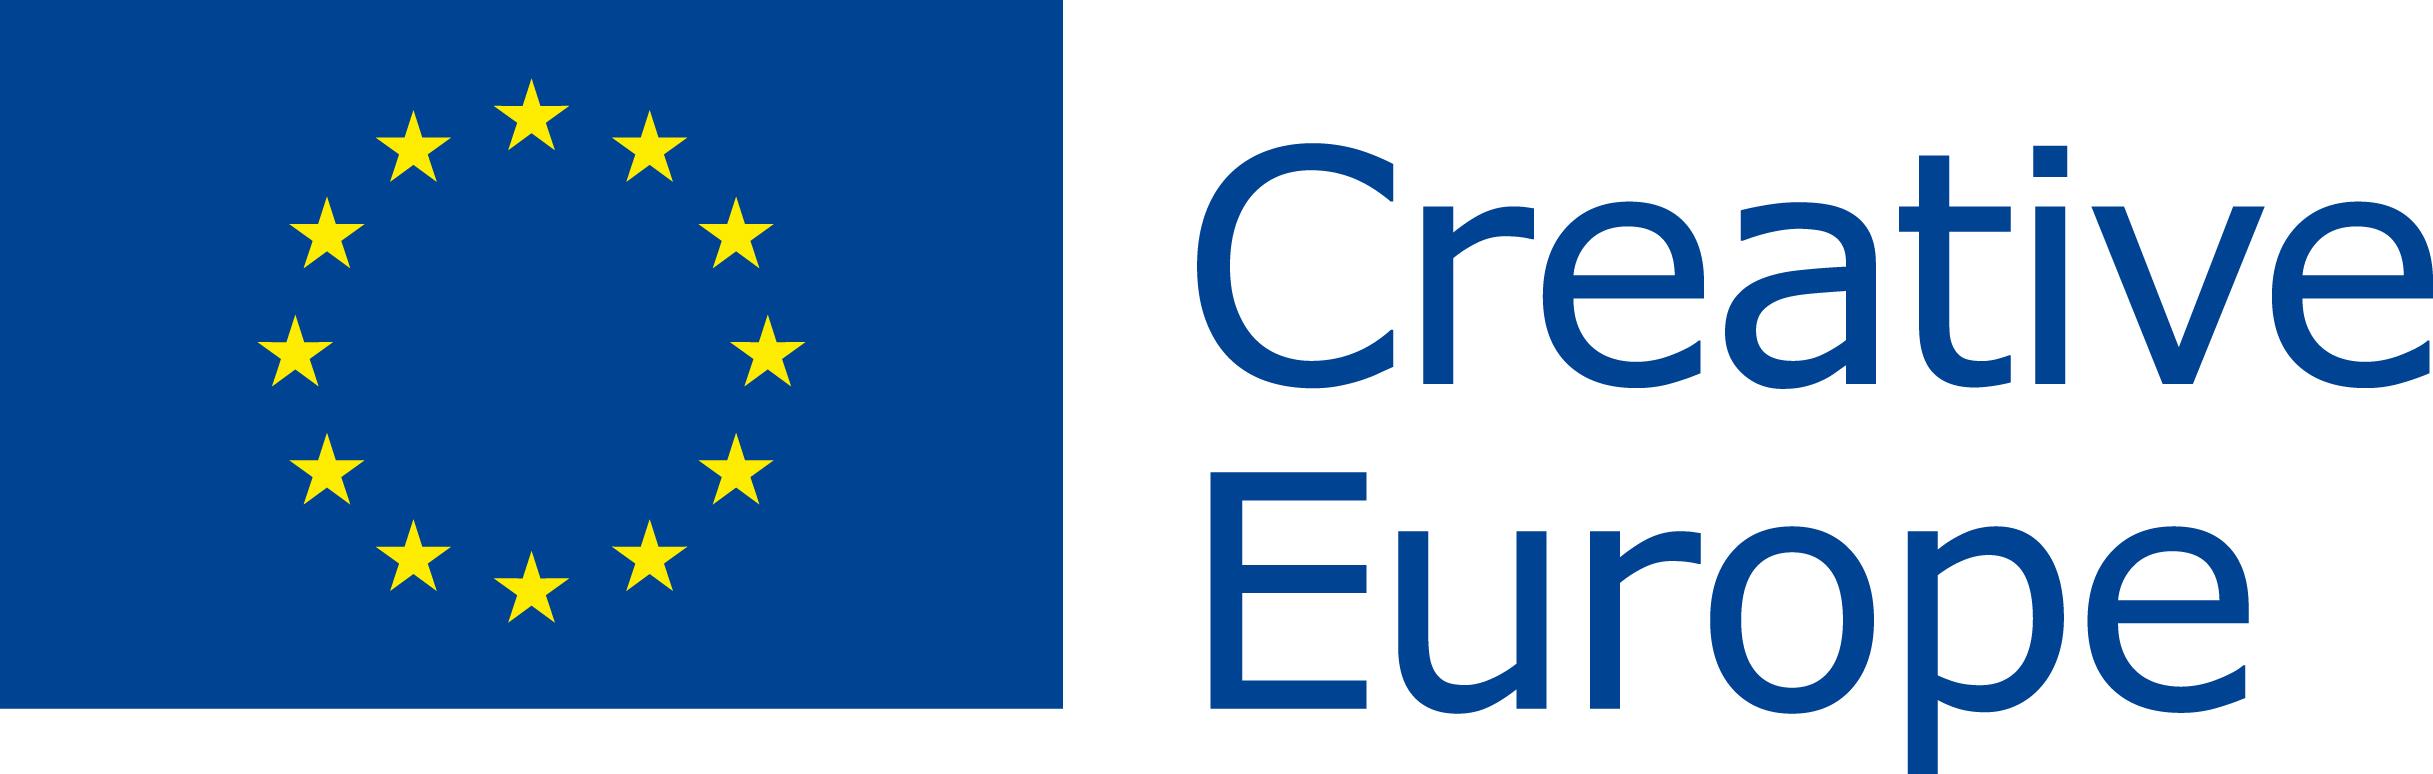 Logo programu Unii Europejskiej Kreatywna Europa, po lewej flaga Unii Europejskiej, po prawej napis: Kreatywna Europa